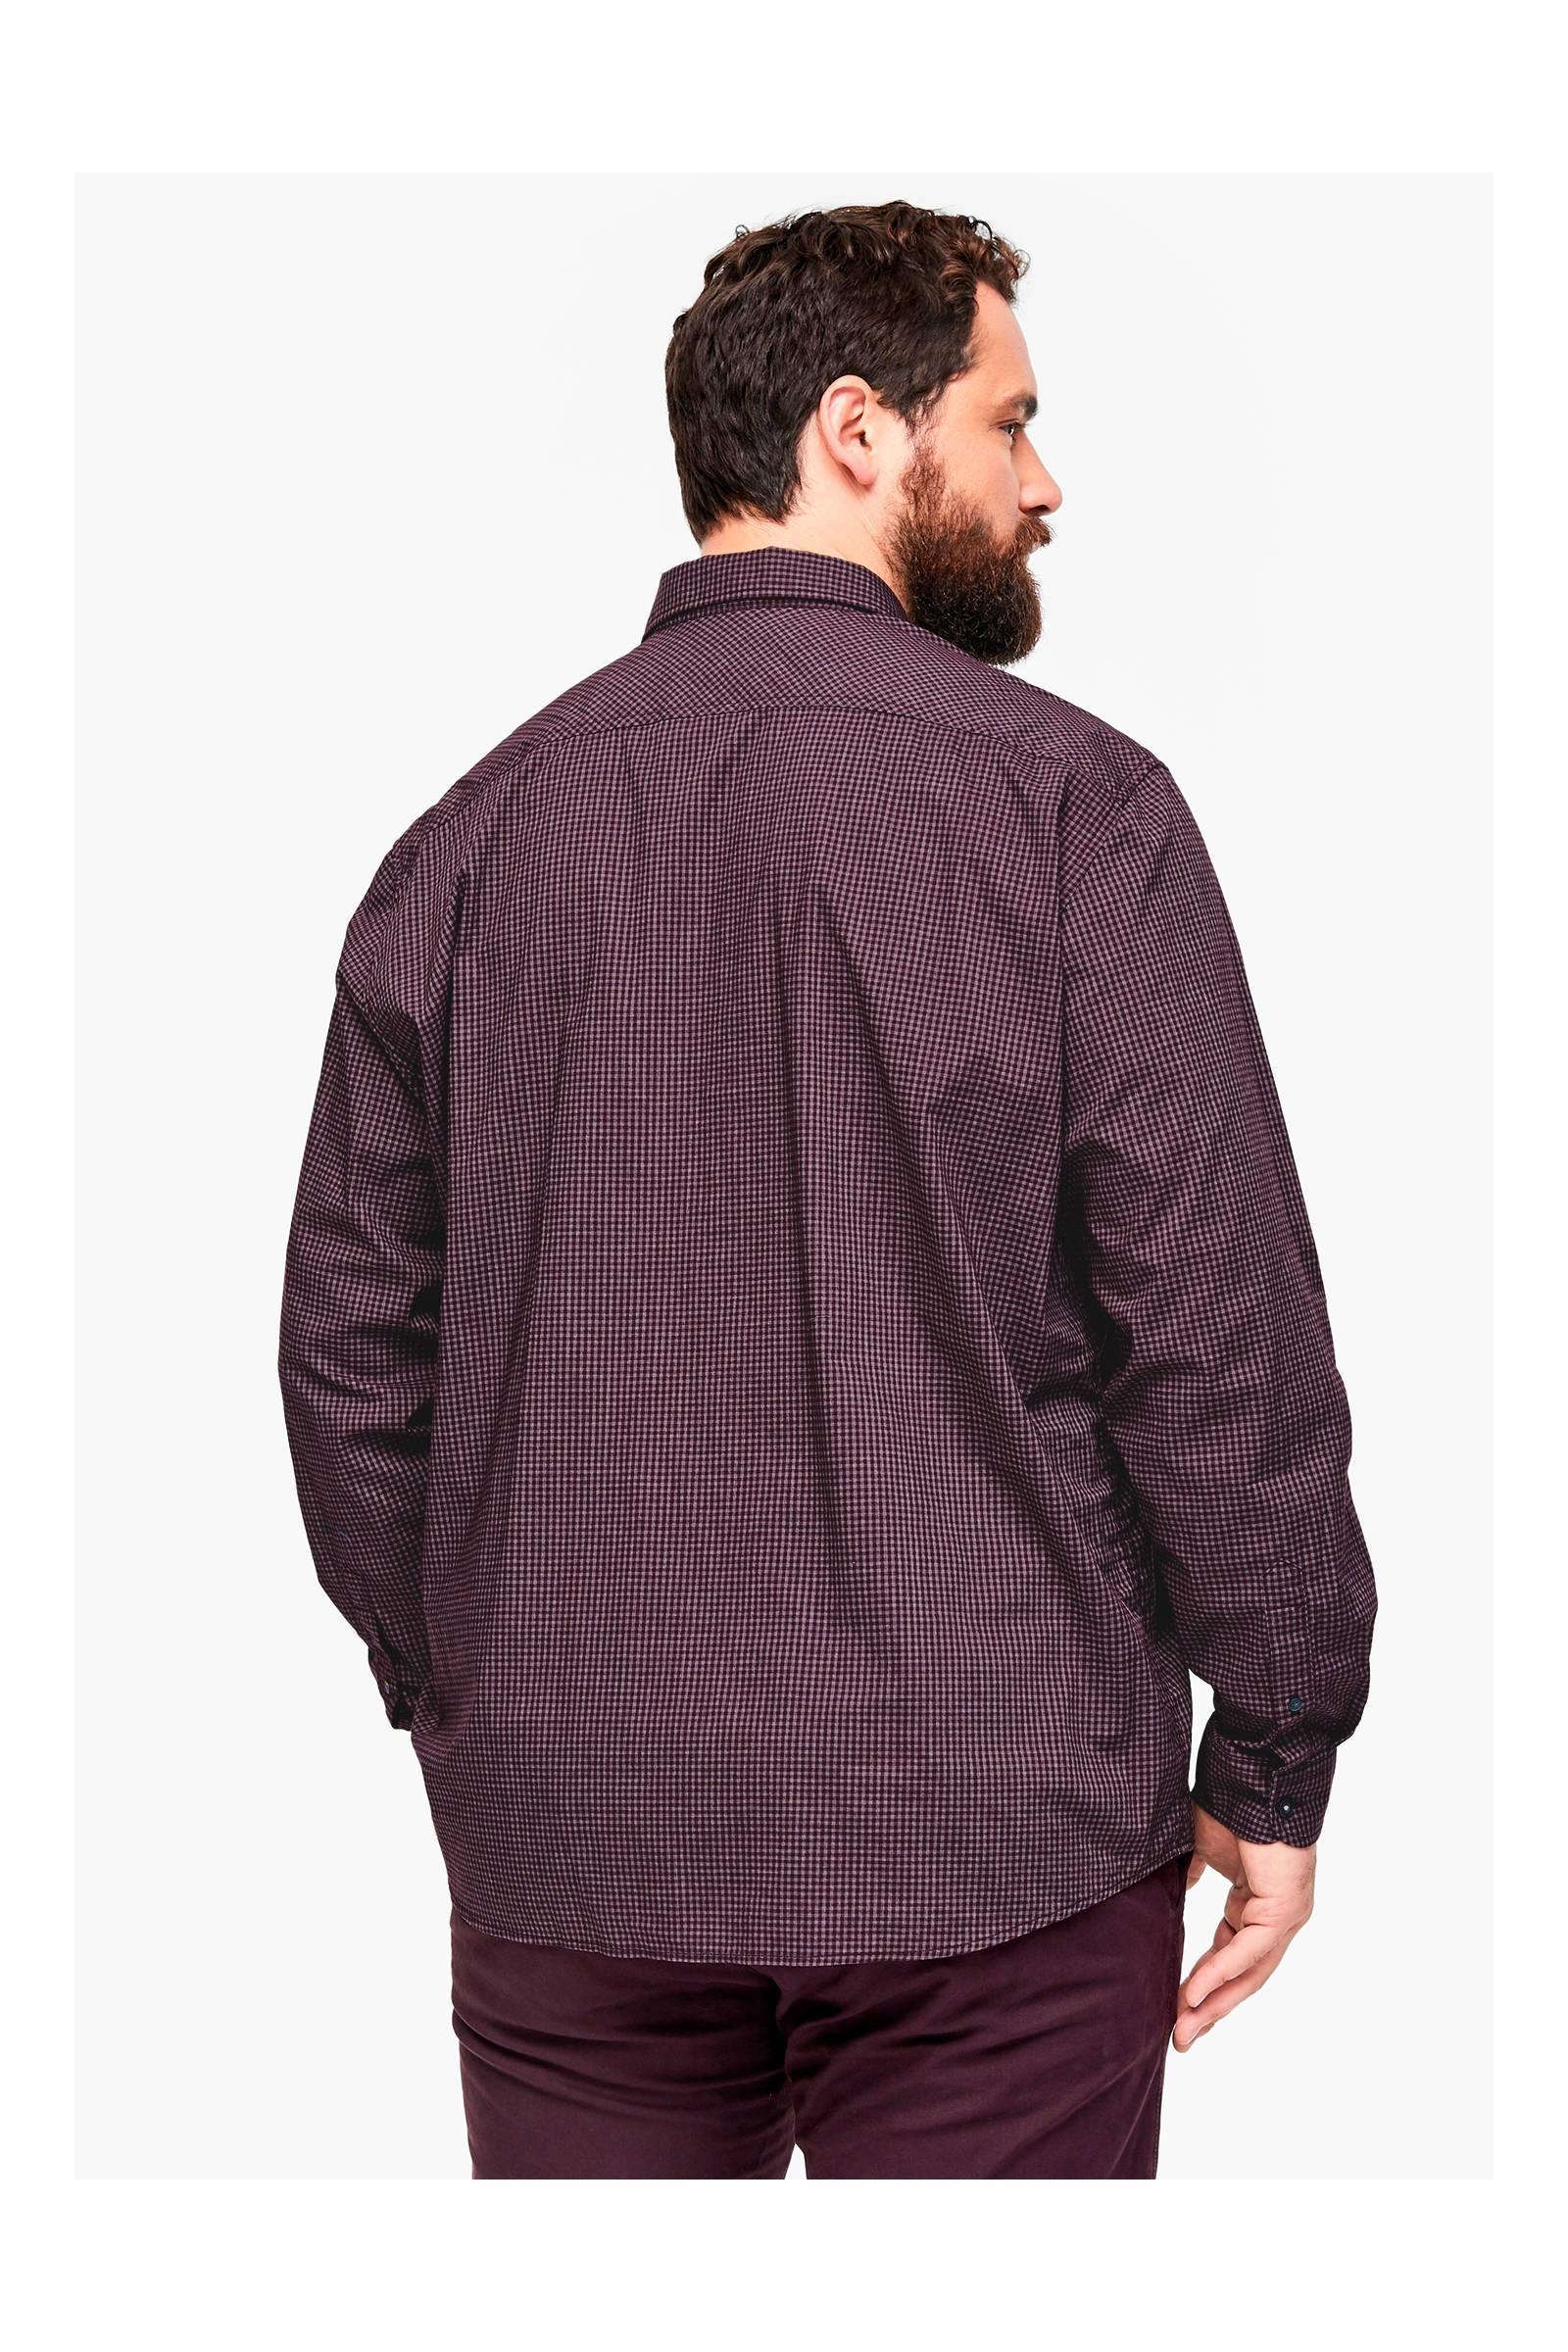 S.oliver Big Size Geruit Oversized Overhemd Paars Big Size in het Paars voor heren